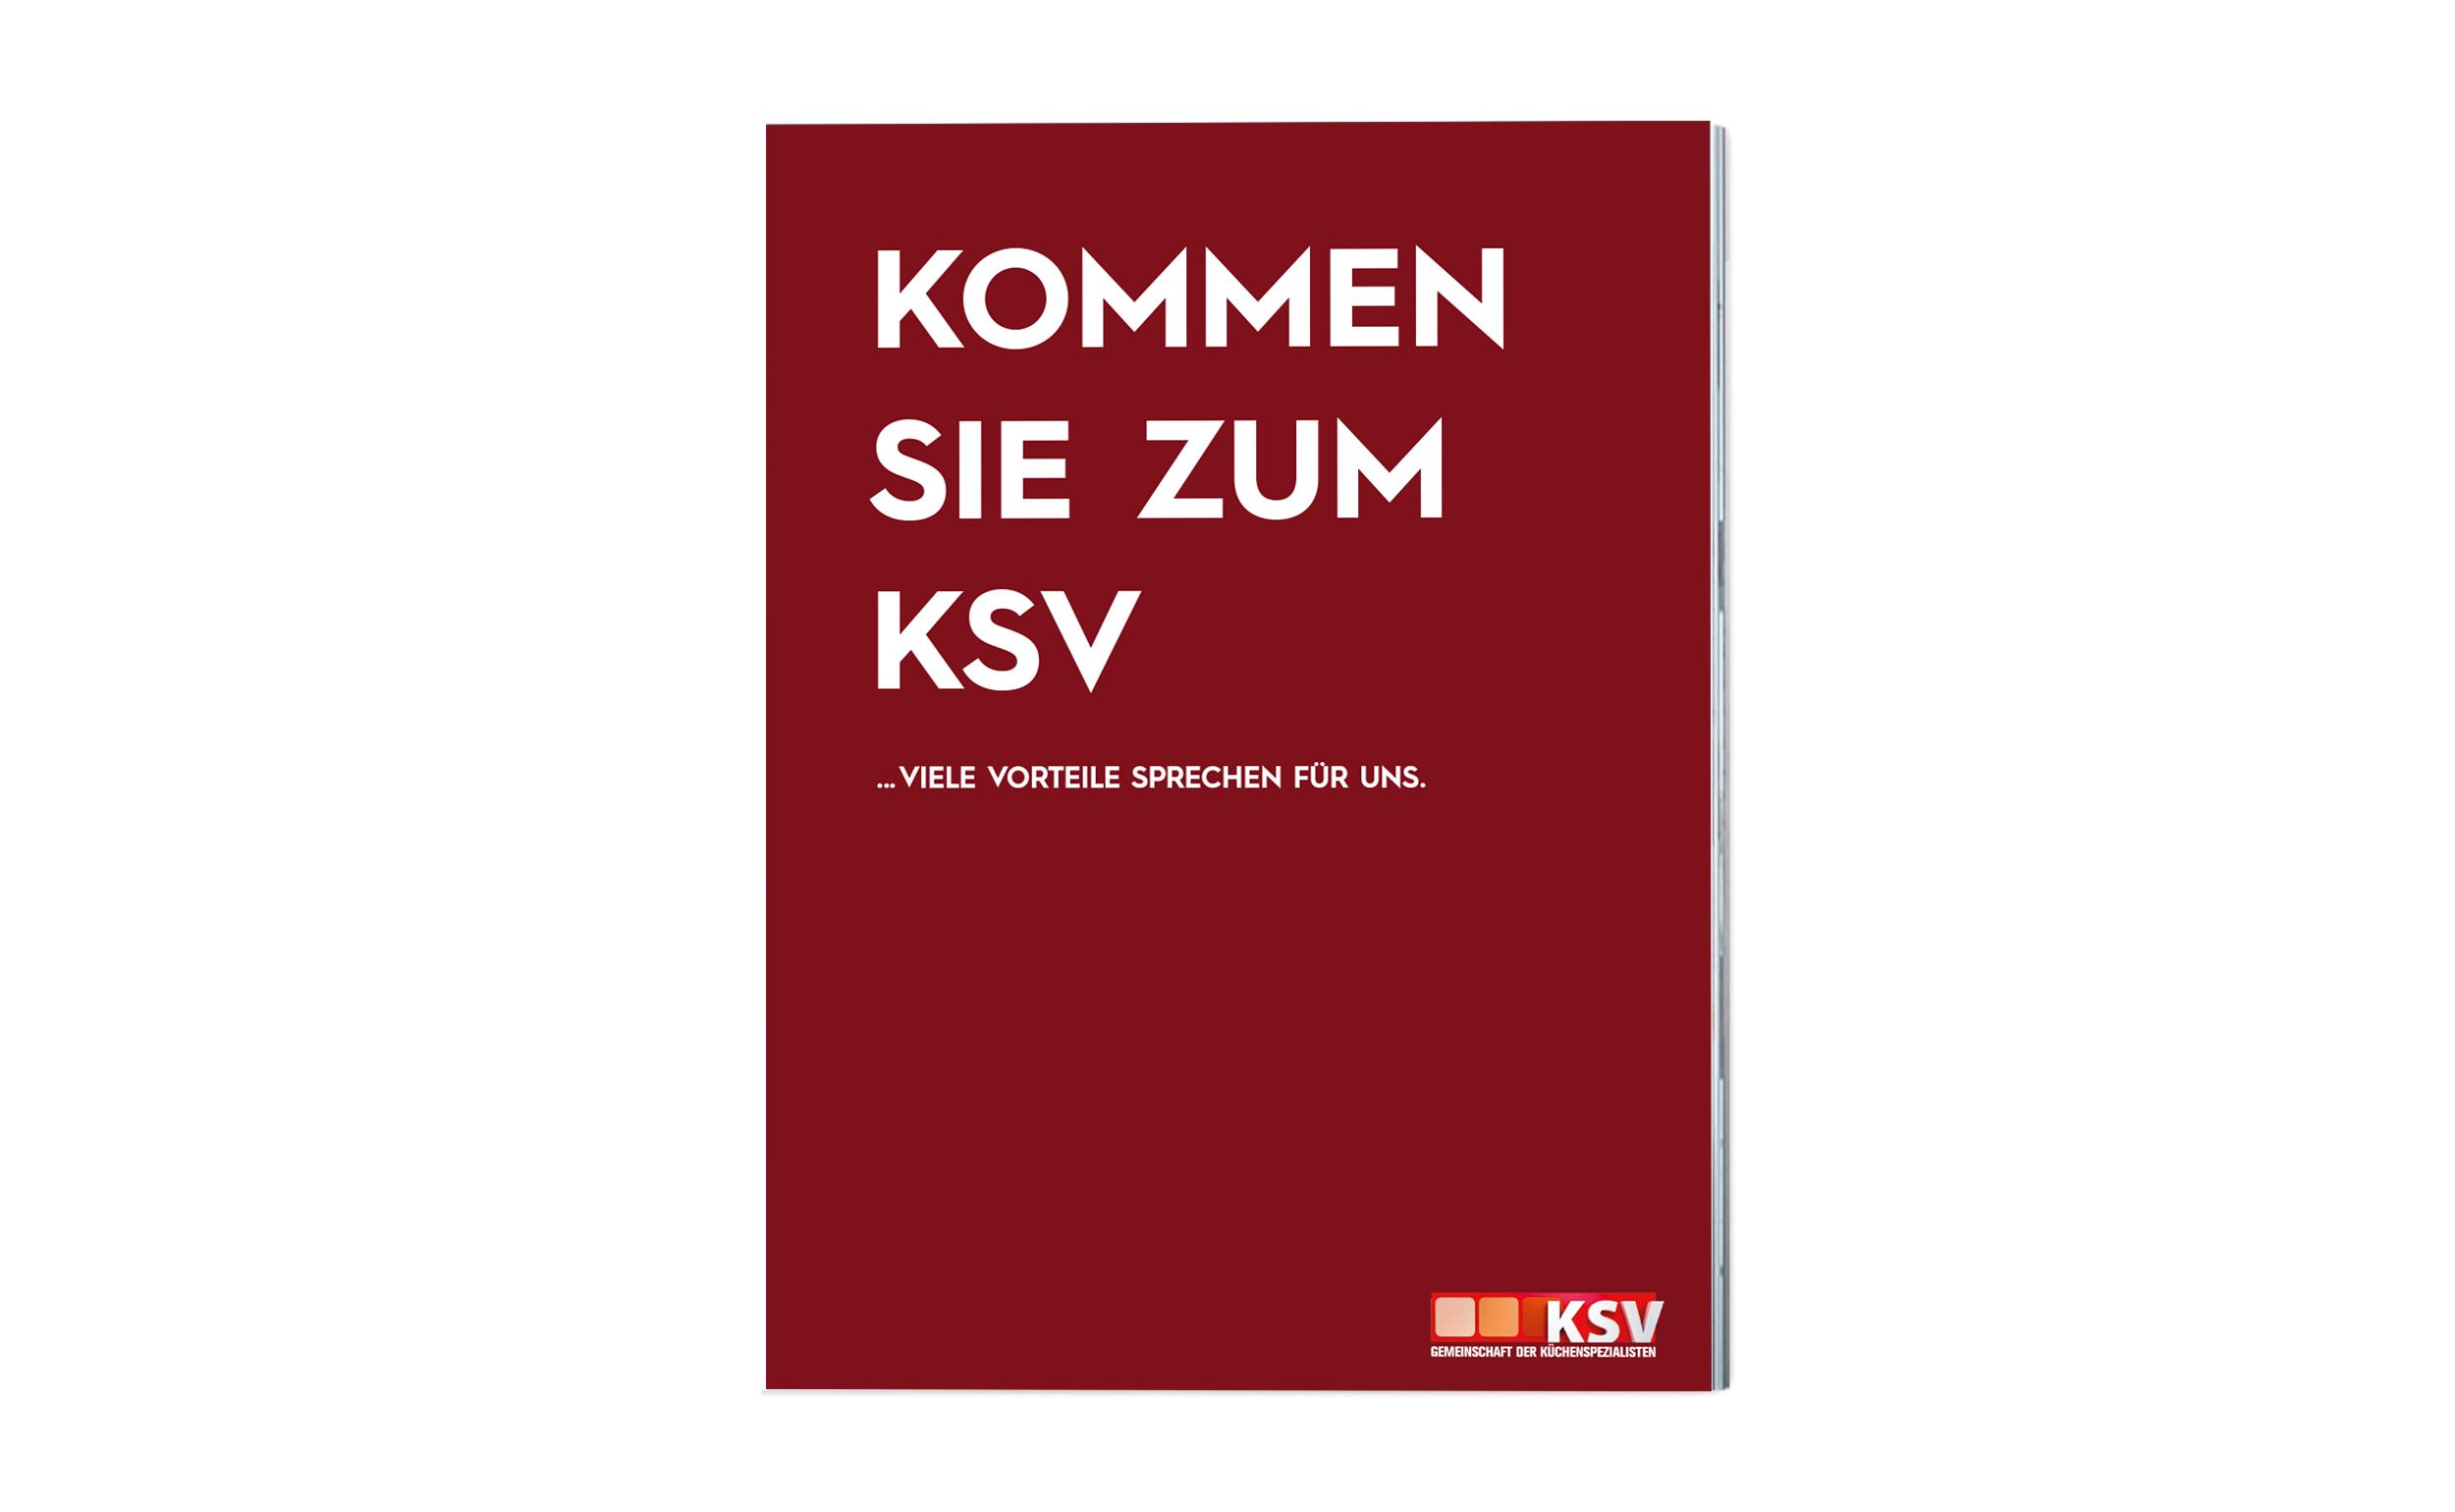 KSV_Mock-up_01 (1)